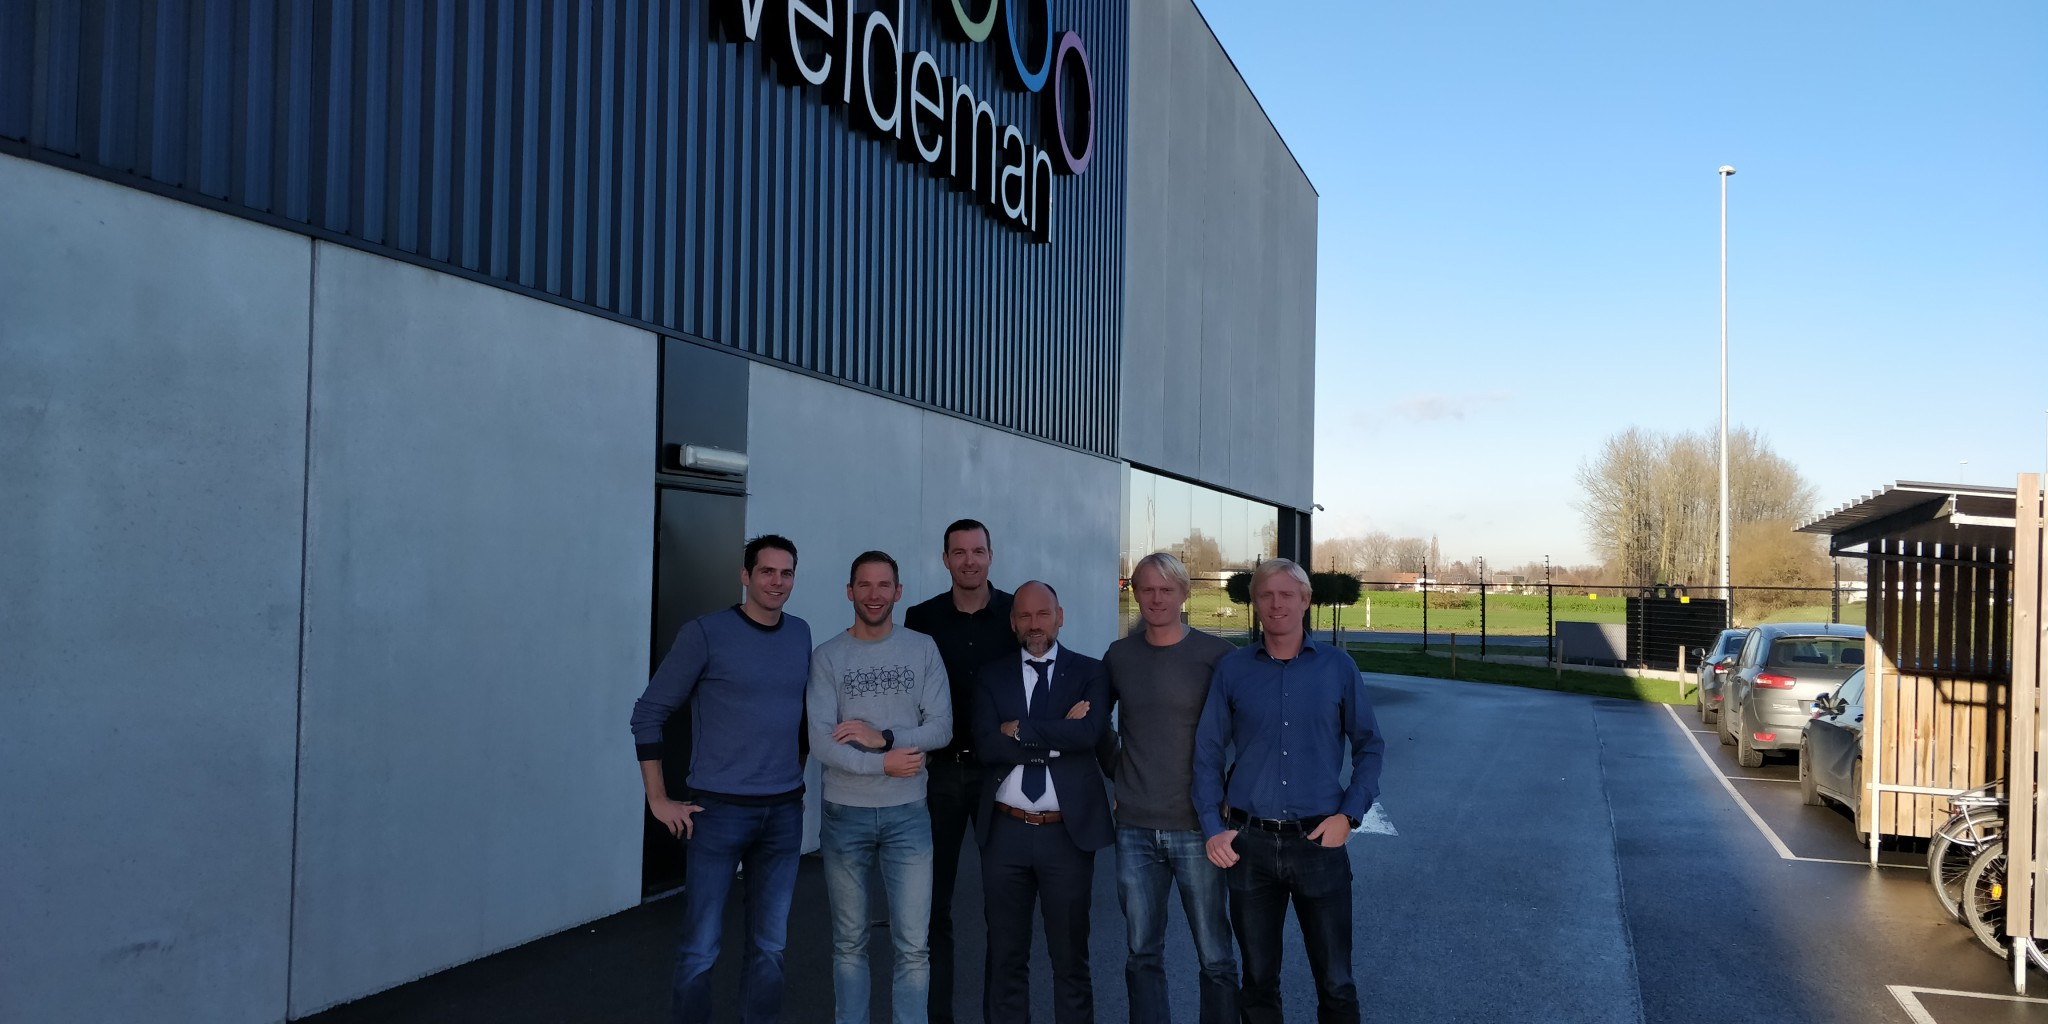 Bart Aernouts voor de gebouwen van Veldeman in Dendermonde (foto: 3athlon.be)